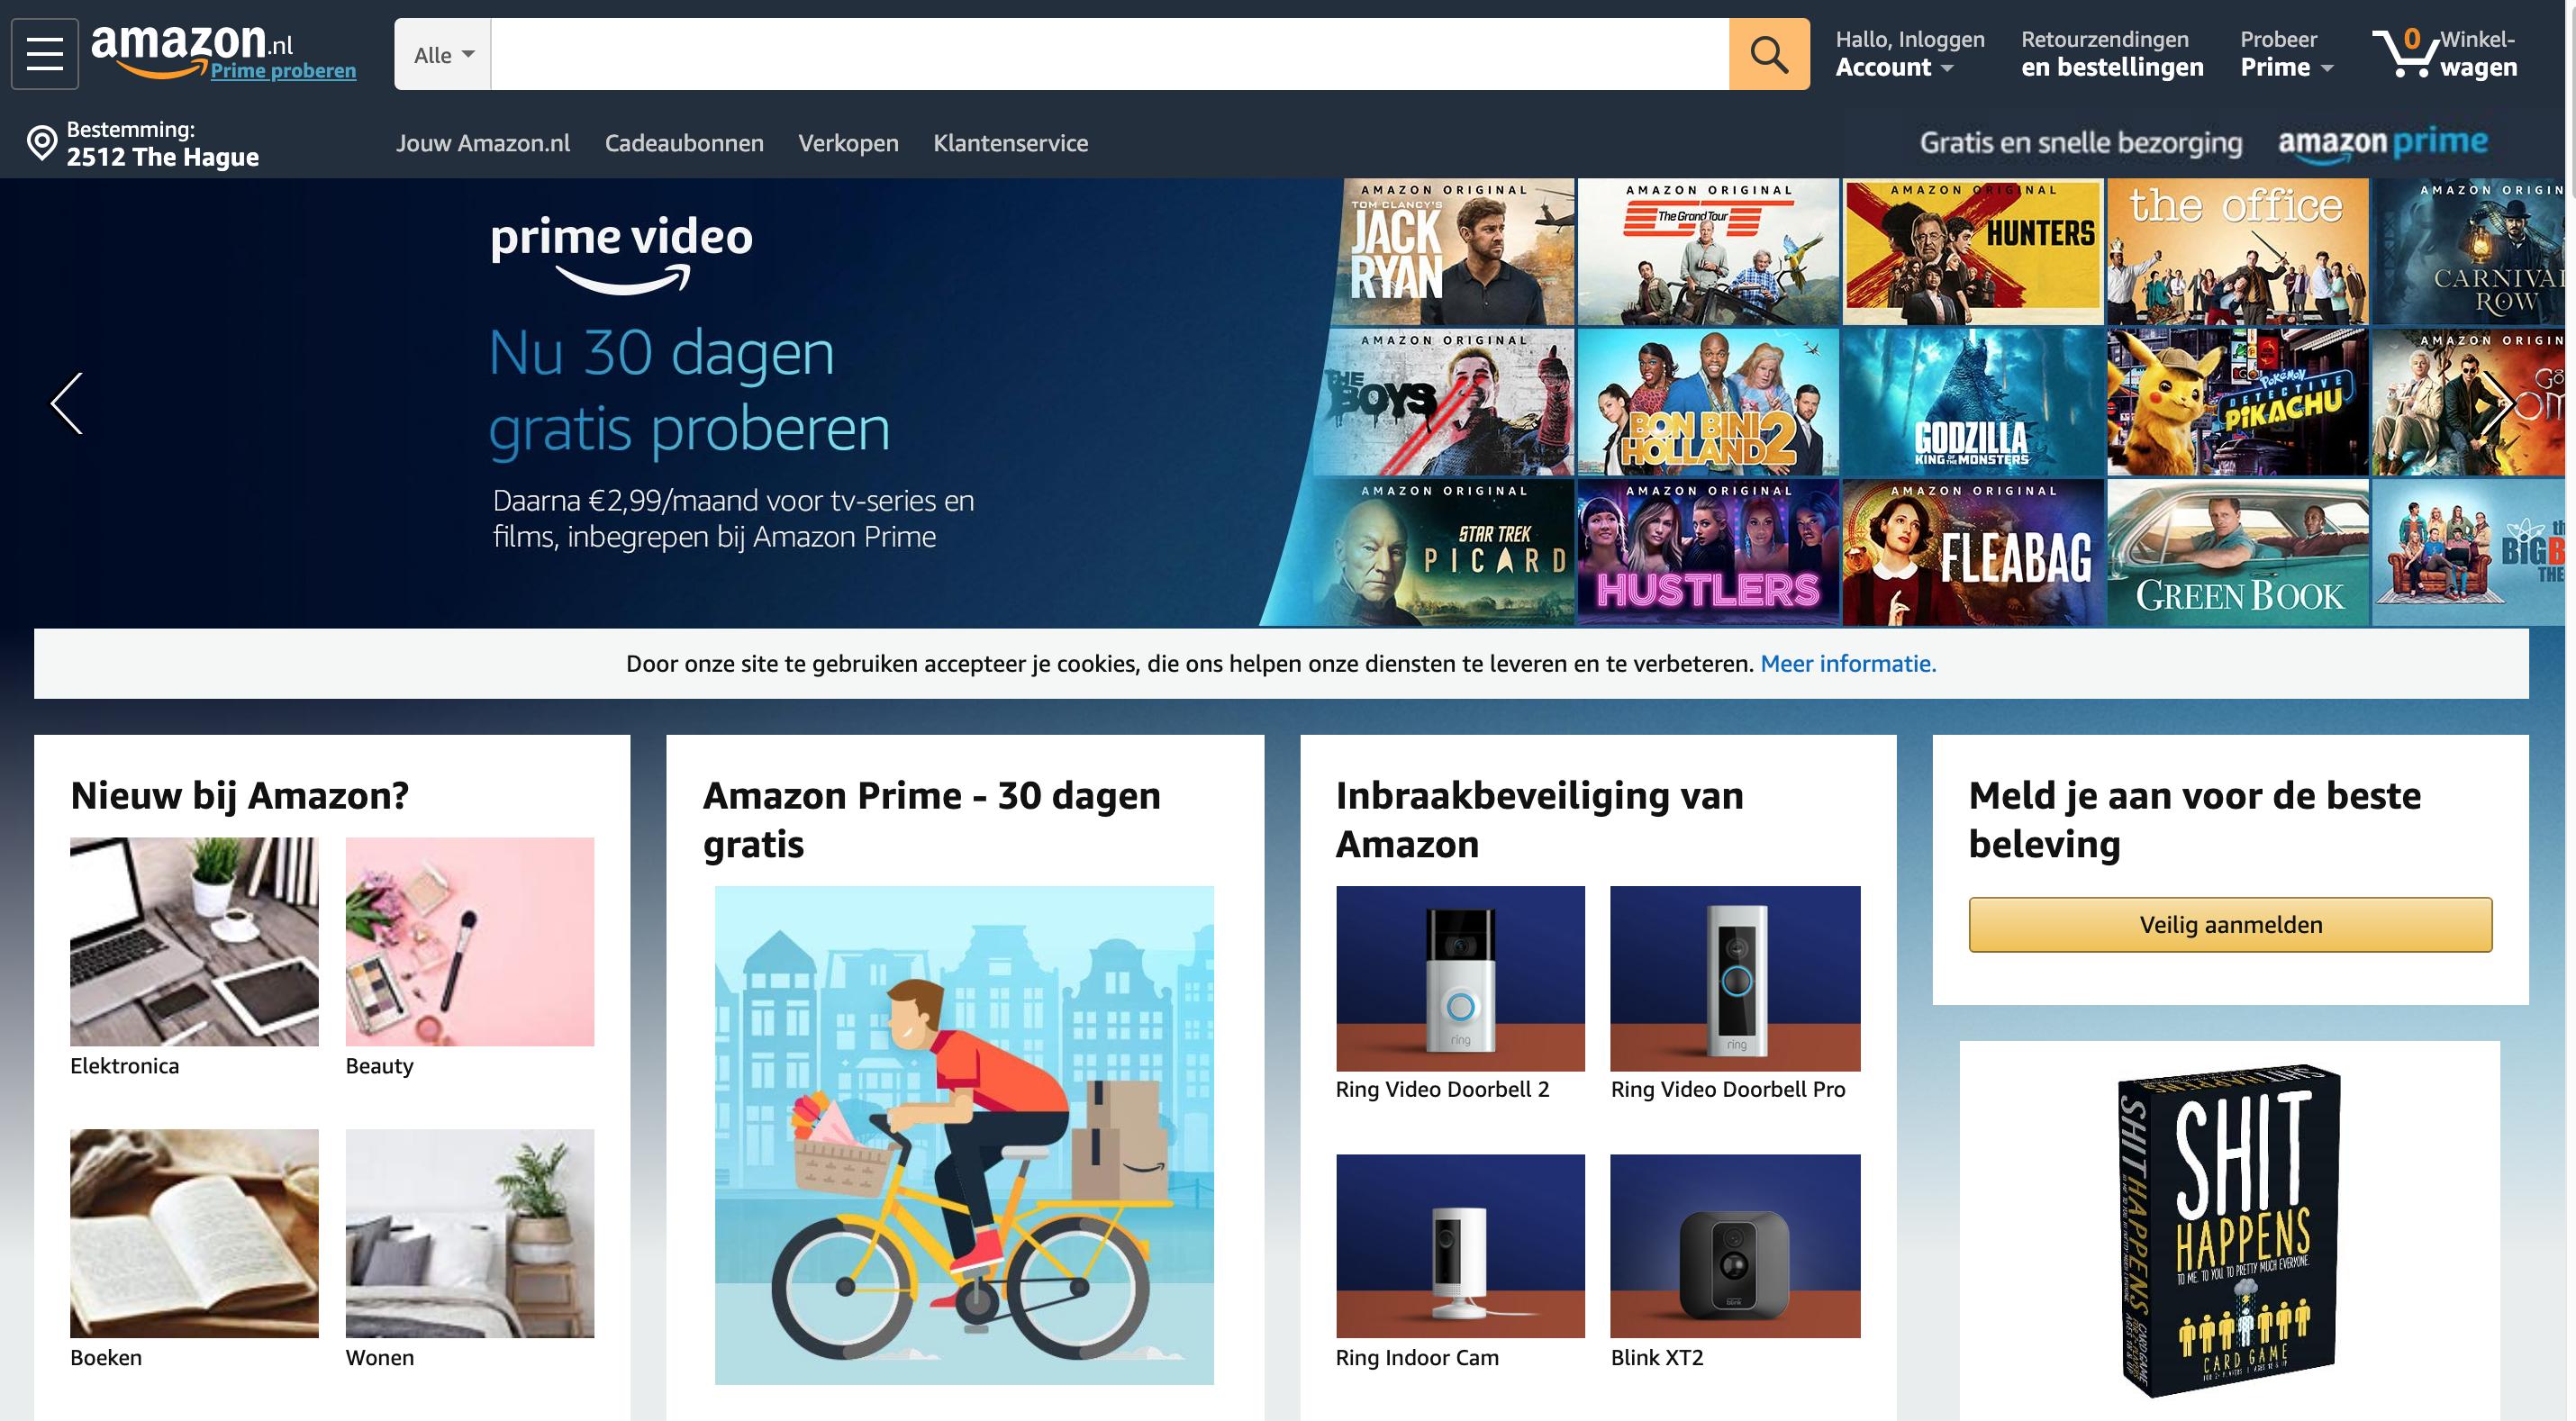 아마존 네덜란드(amazon.nl)가 오픈하다